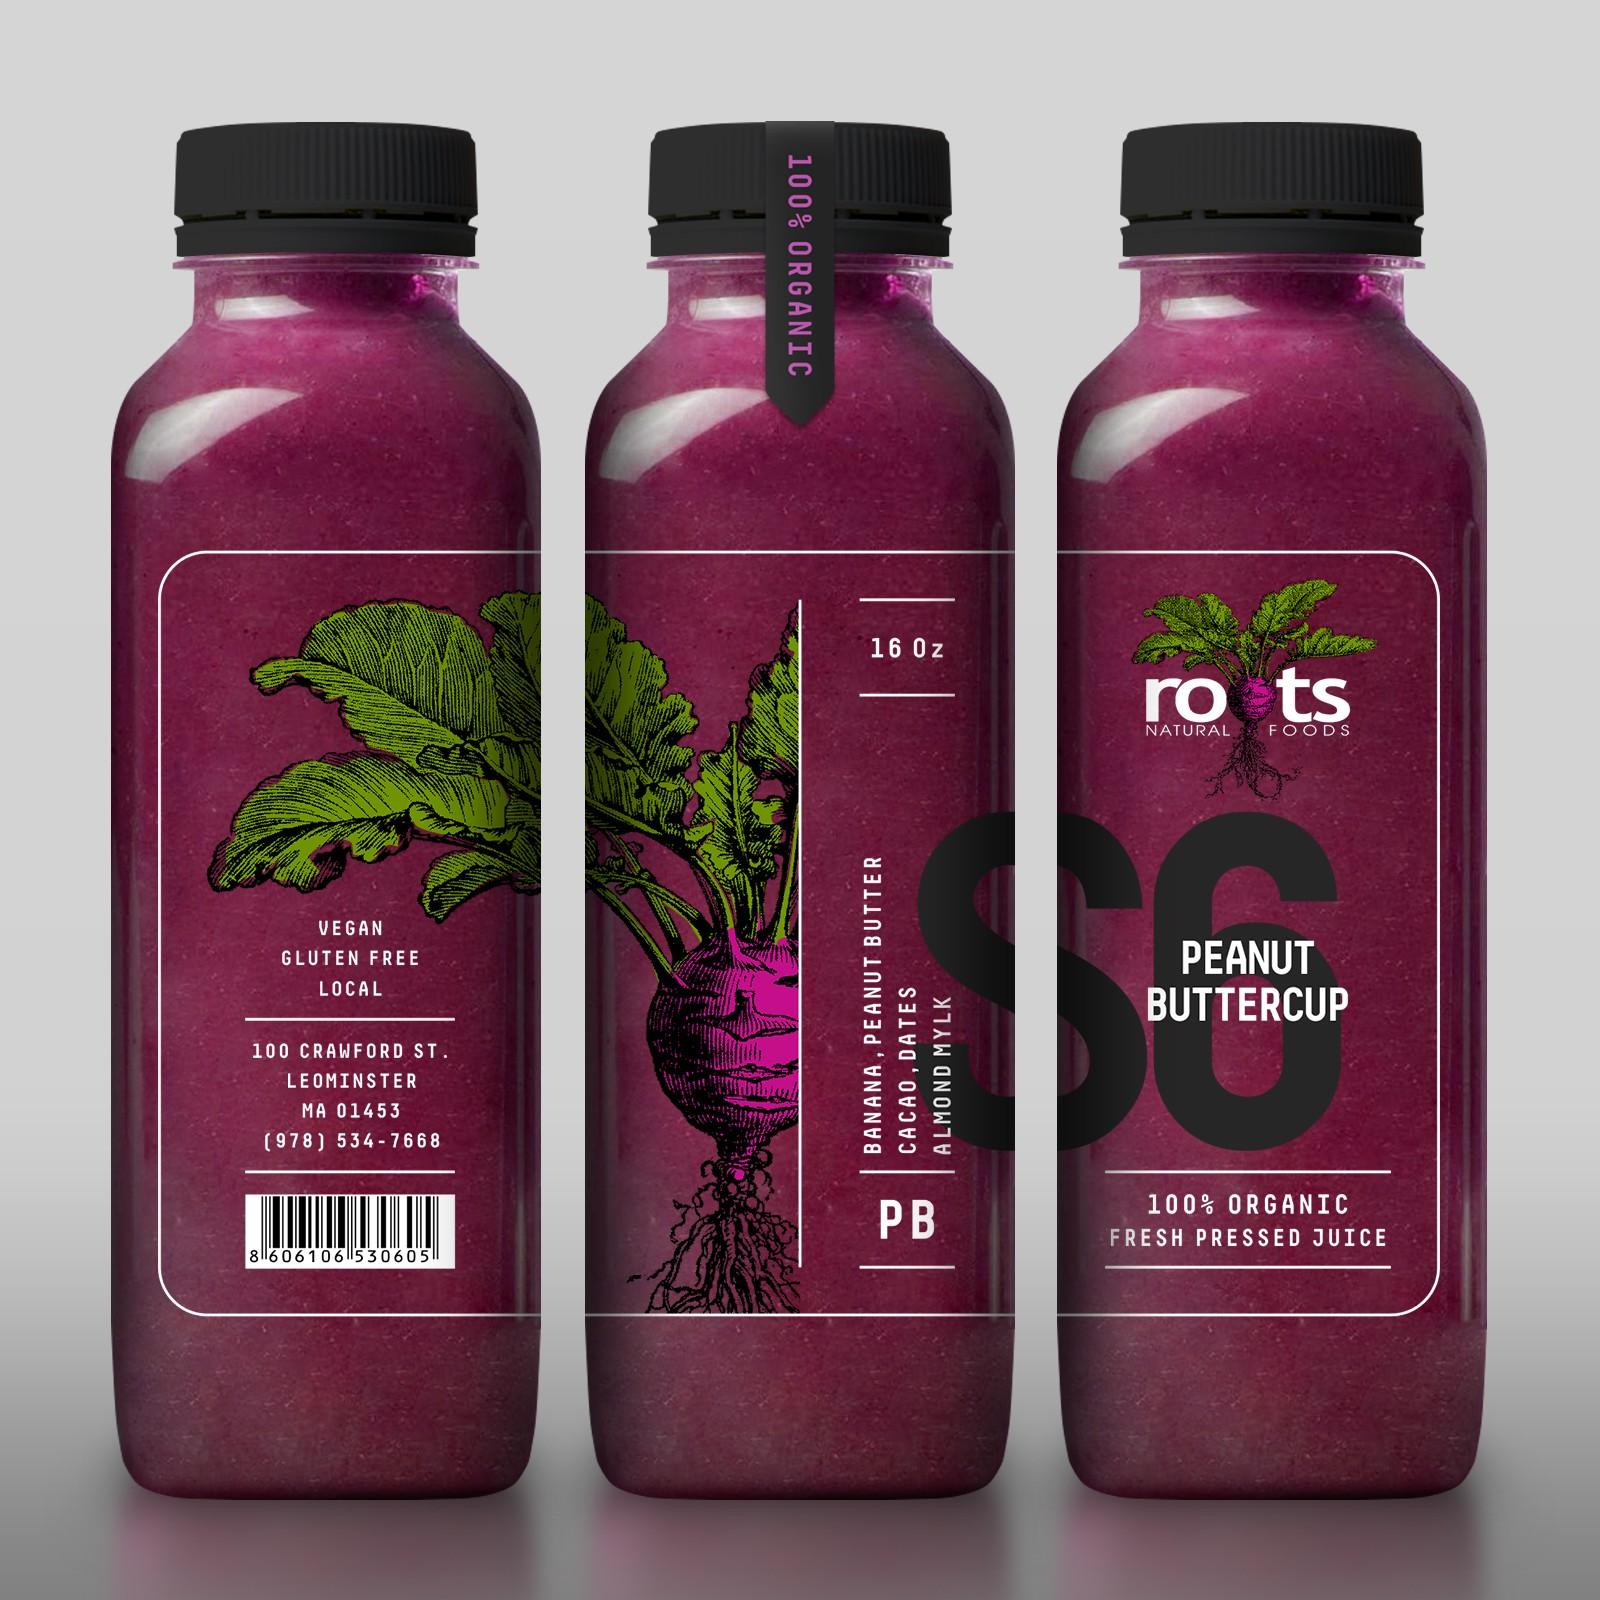 Xu hướng thiết kế bao bì 2020 ví dụ: thiết kế chai trong suốt với hình minh họa củ cải đường